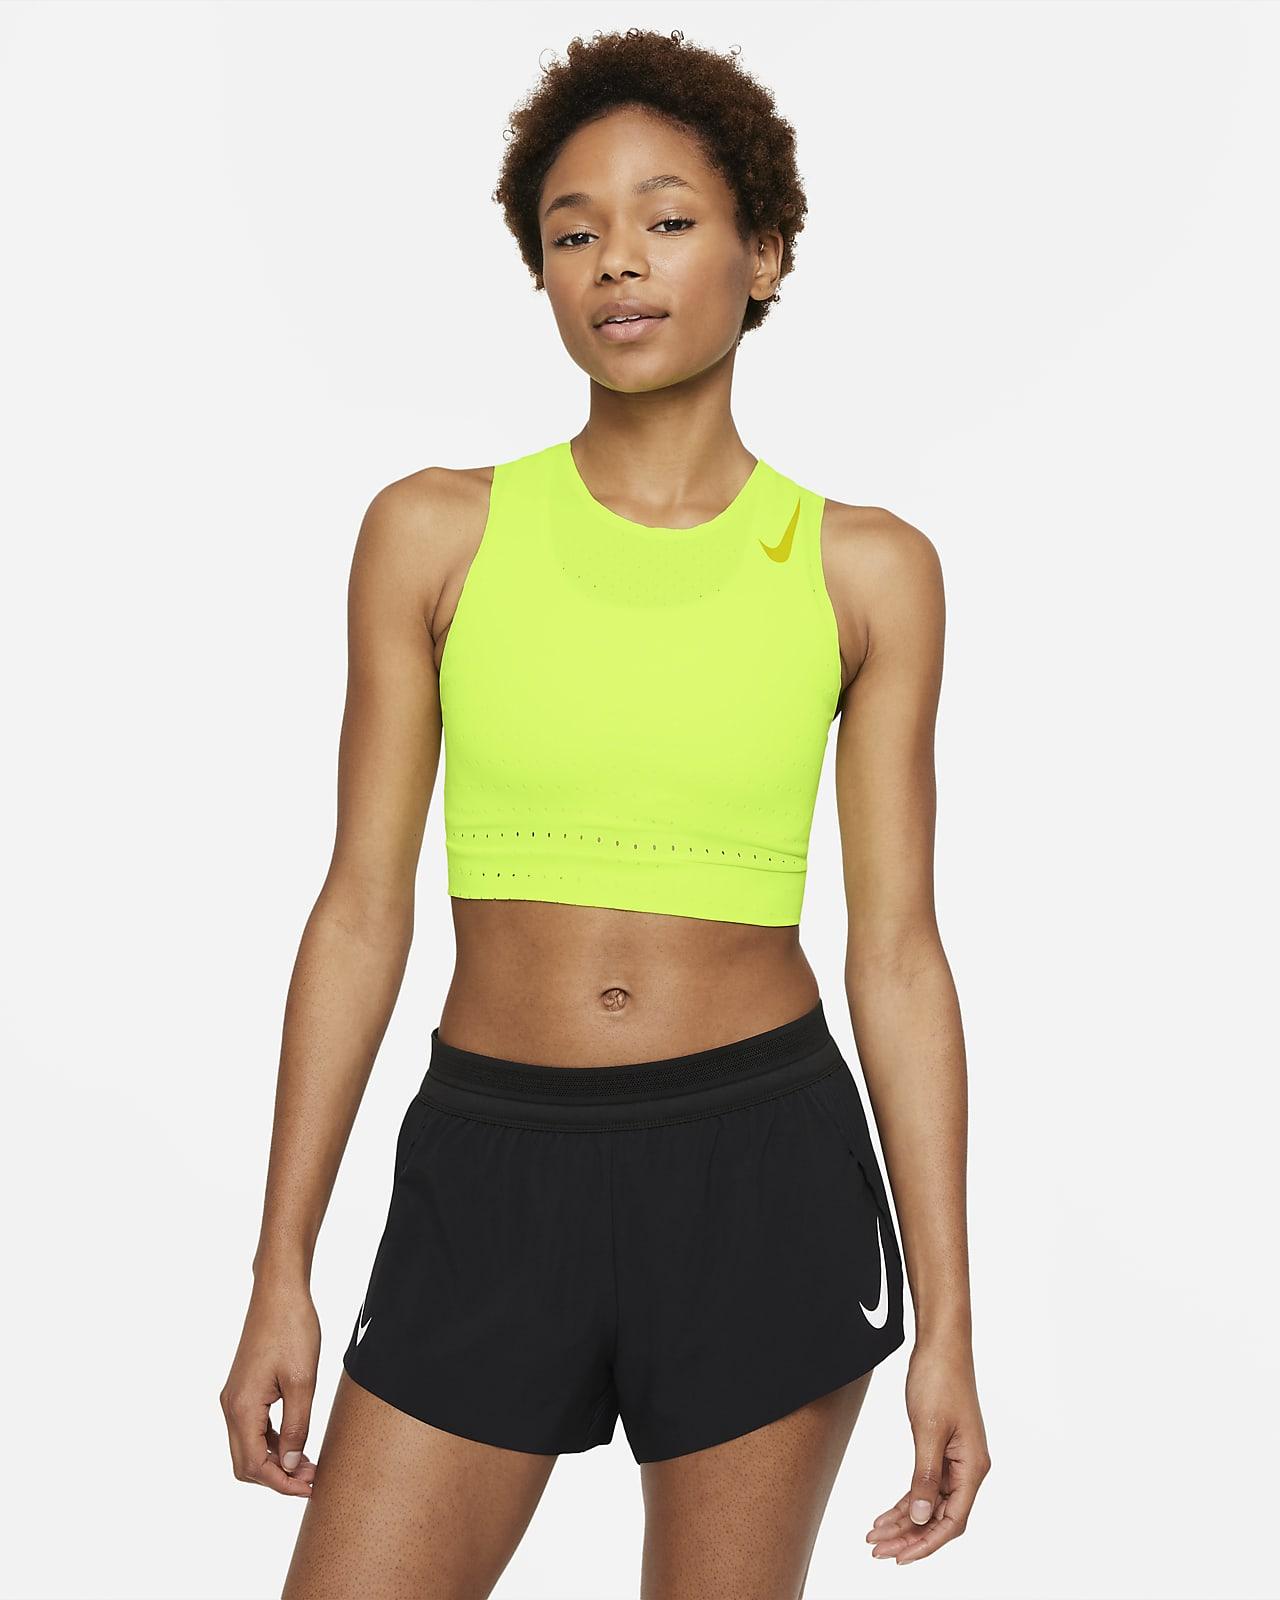 Kort löparlinne Nike Aeroswift för kvinnor